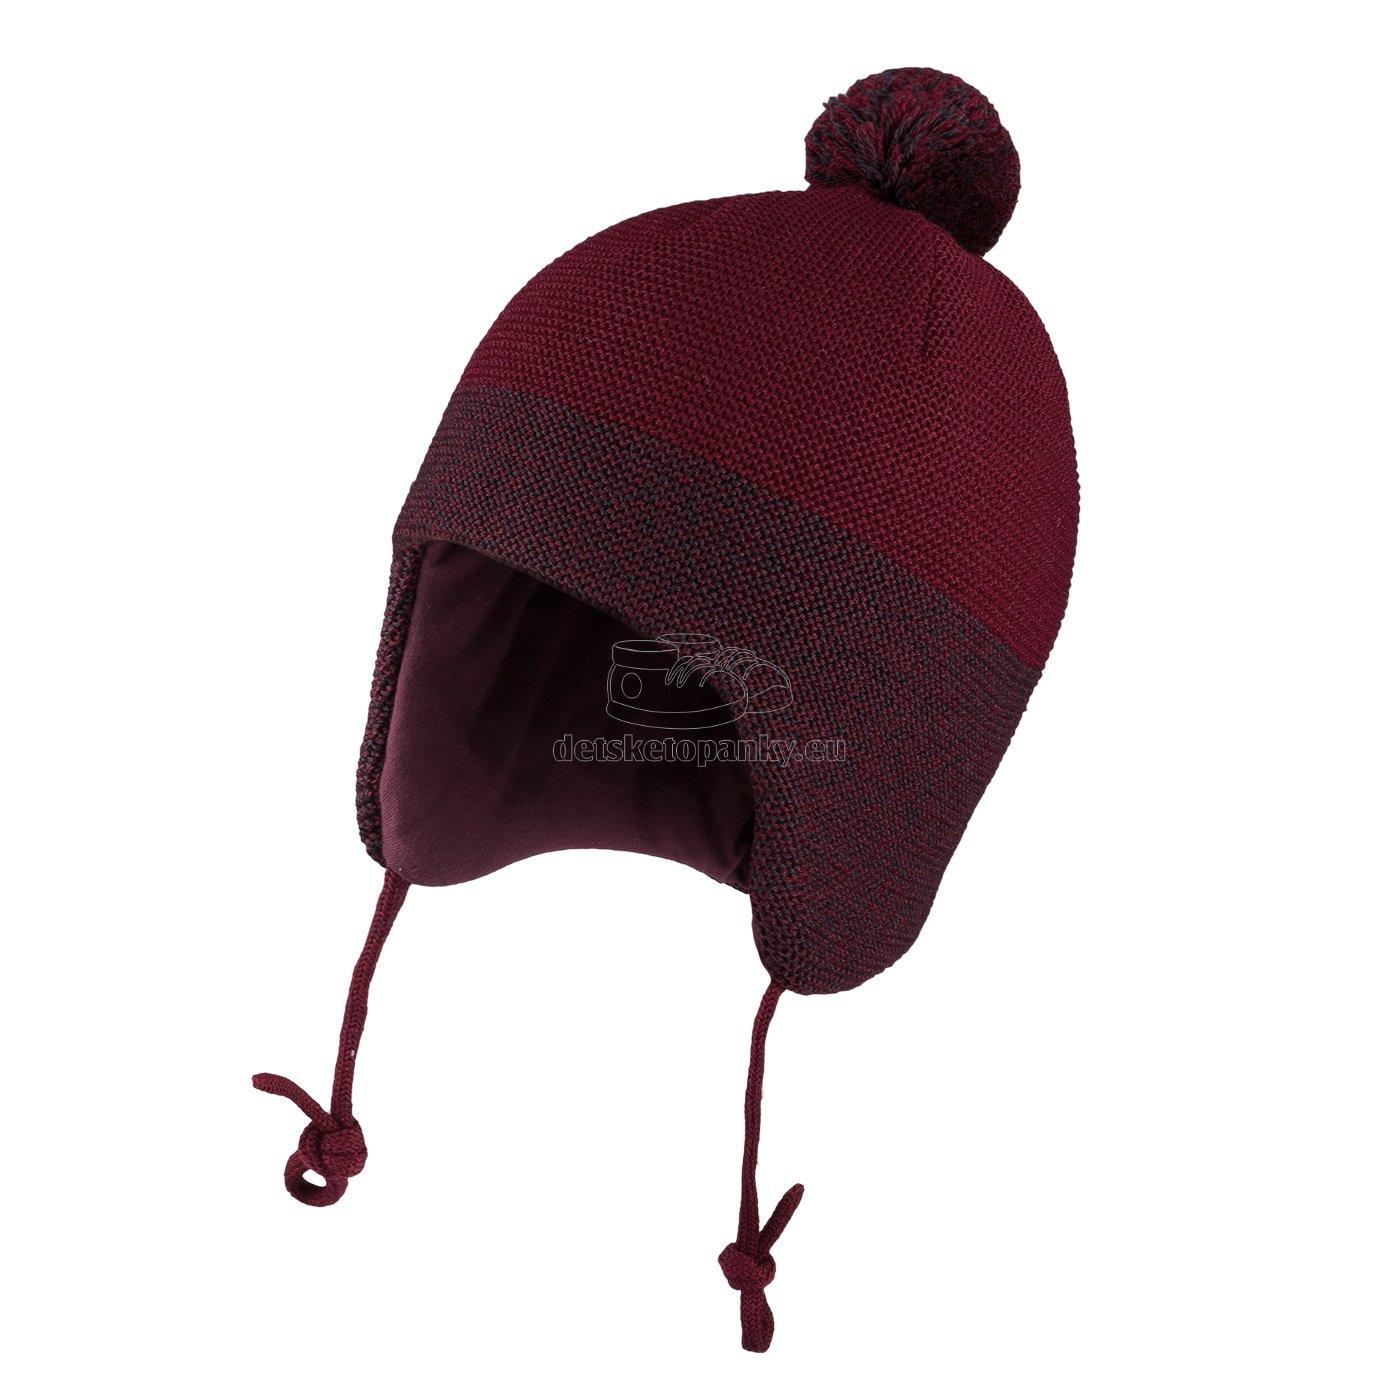 Detská zimná čapica TUTU 3-005176 claret